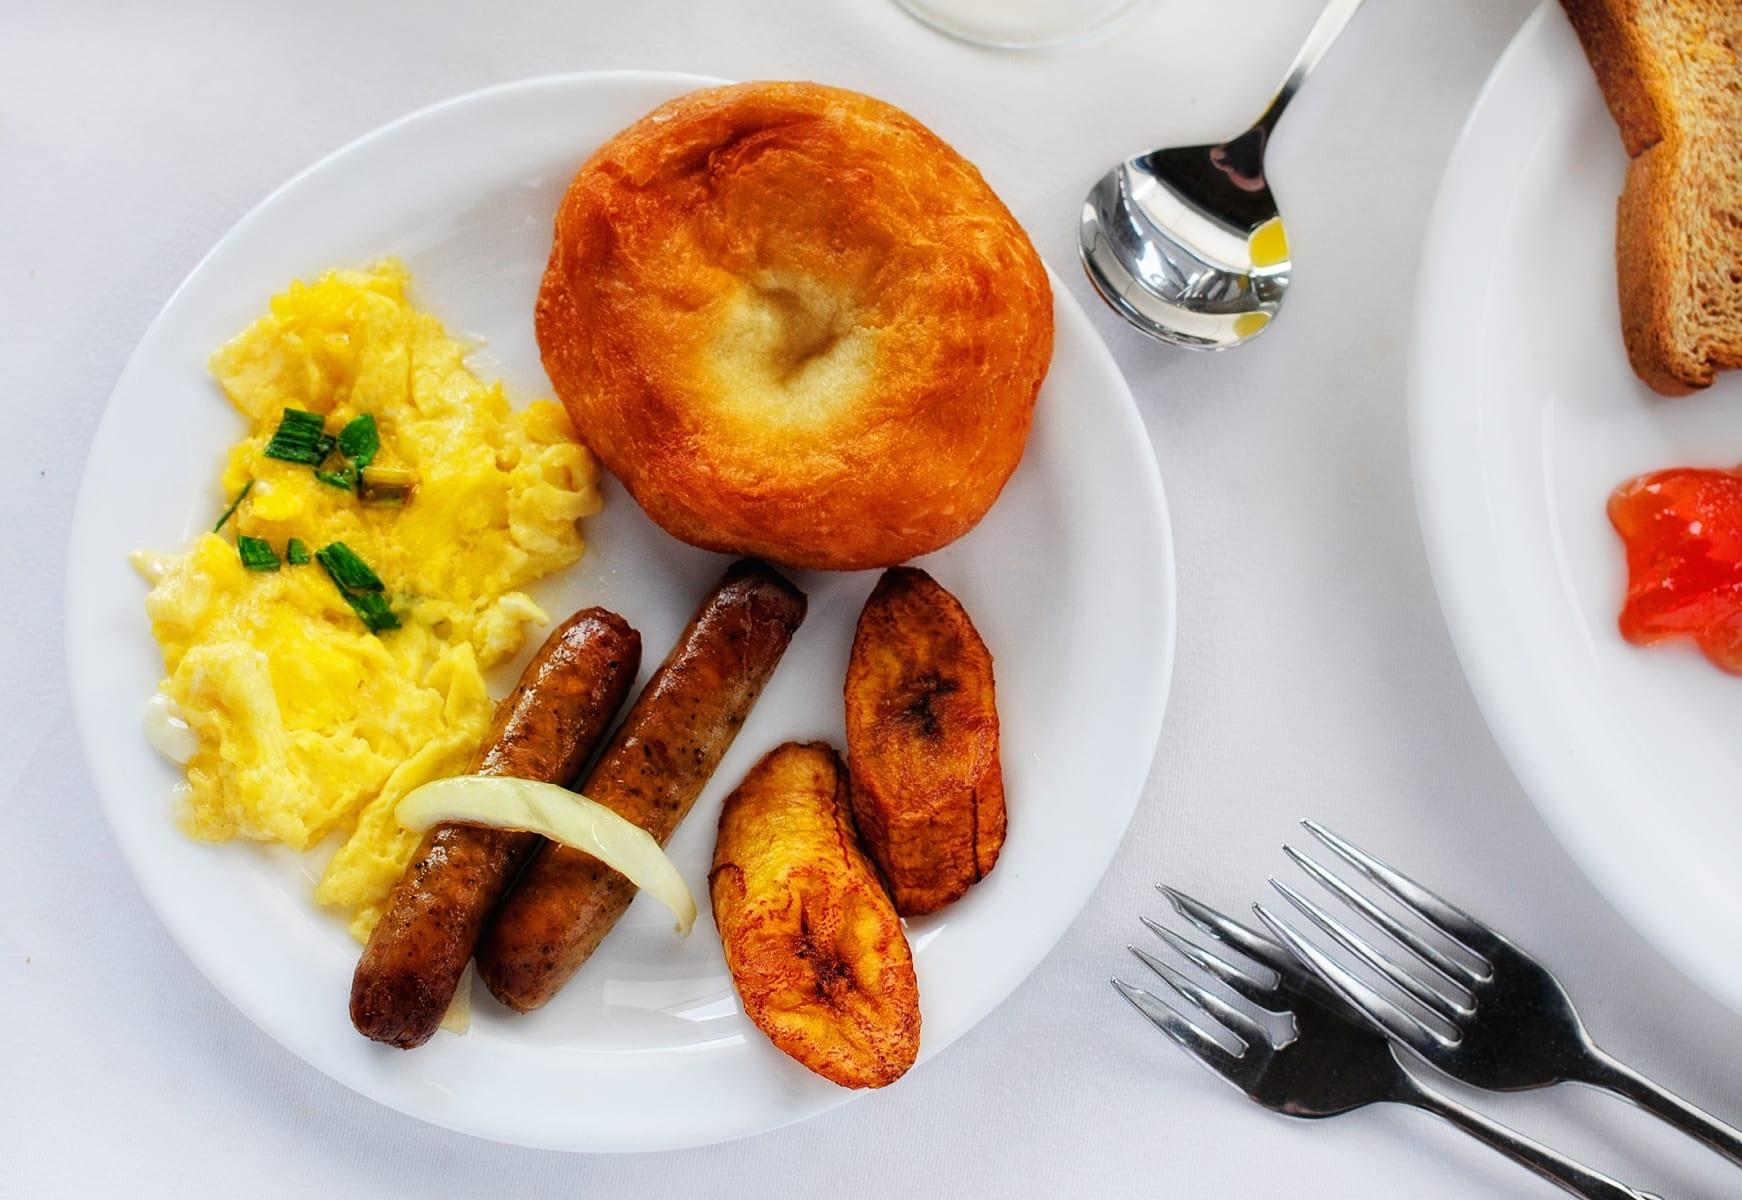 c99-breakfast5